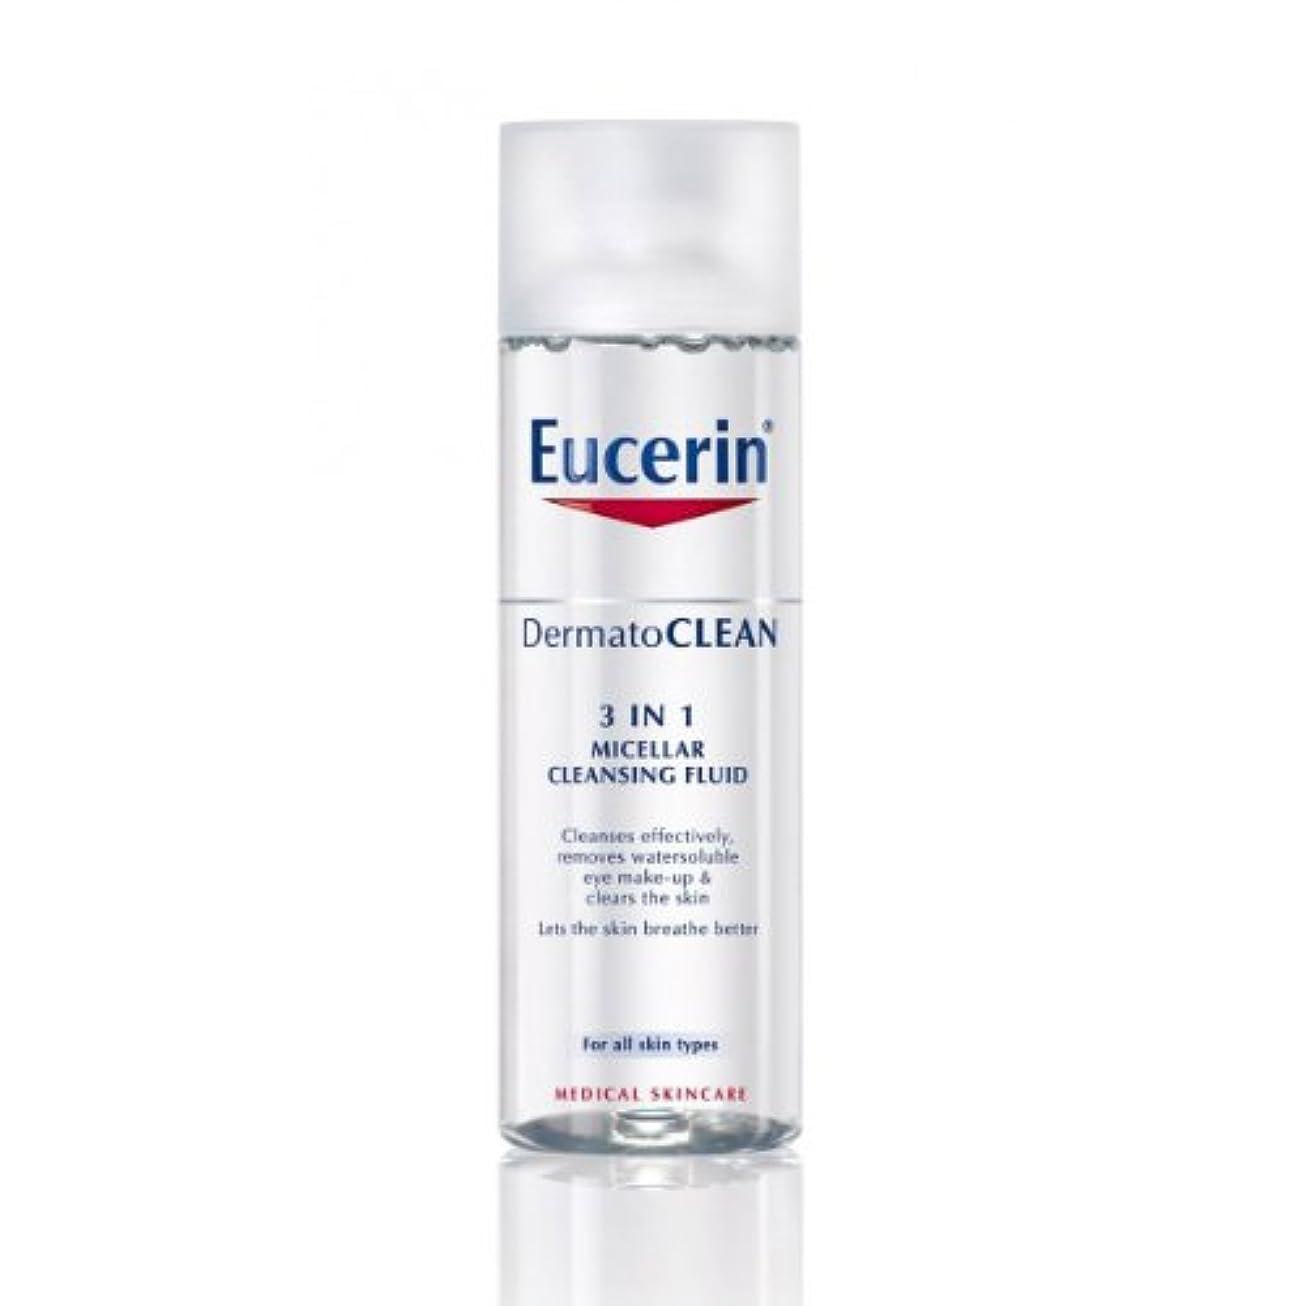 高潔な執着無駄にEucerin Dermatoclean 3in1 Micellar Cleansing Fluid 200ml [並行輸入品]